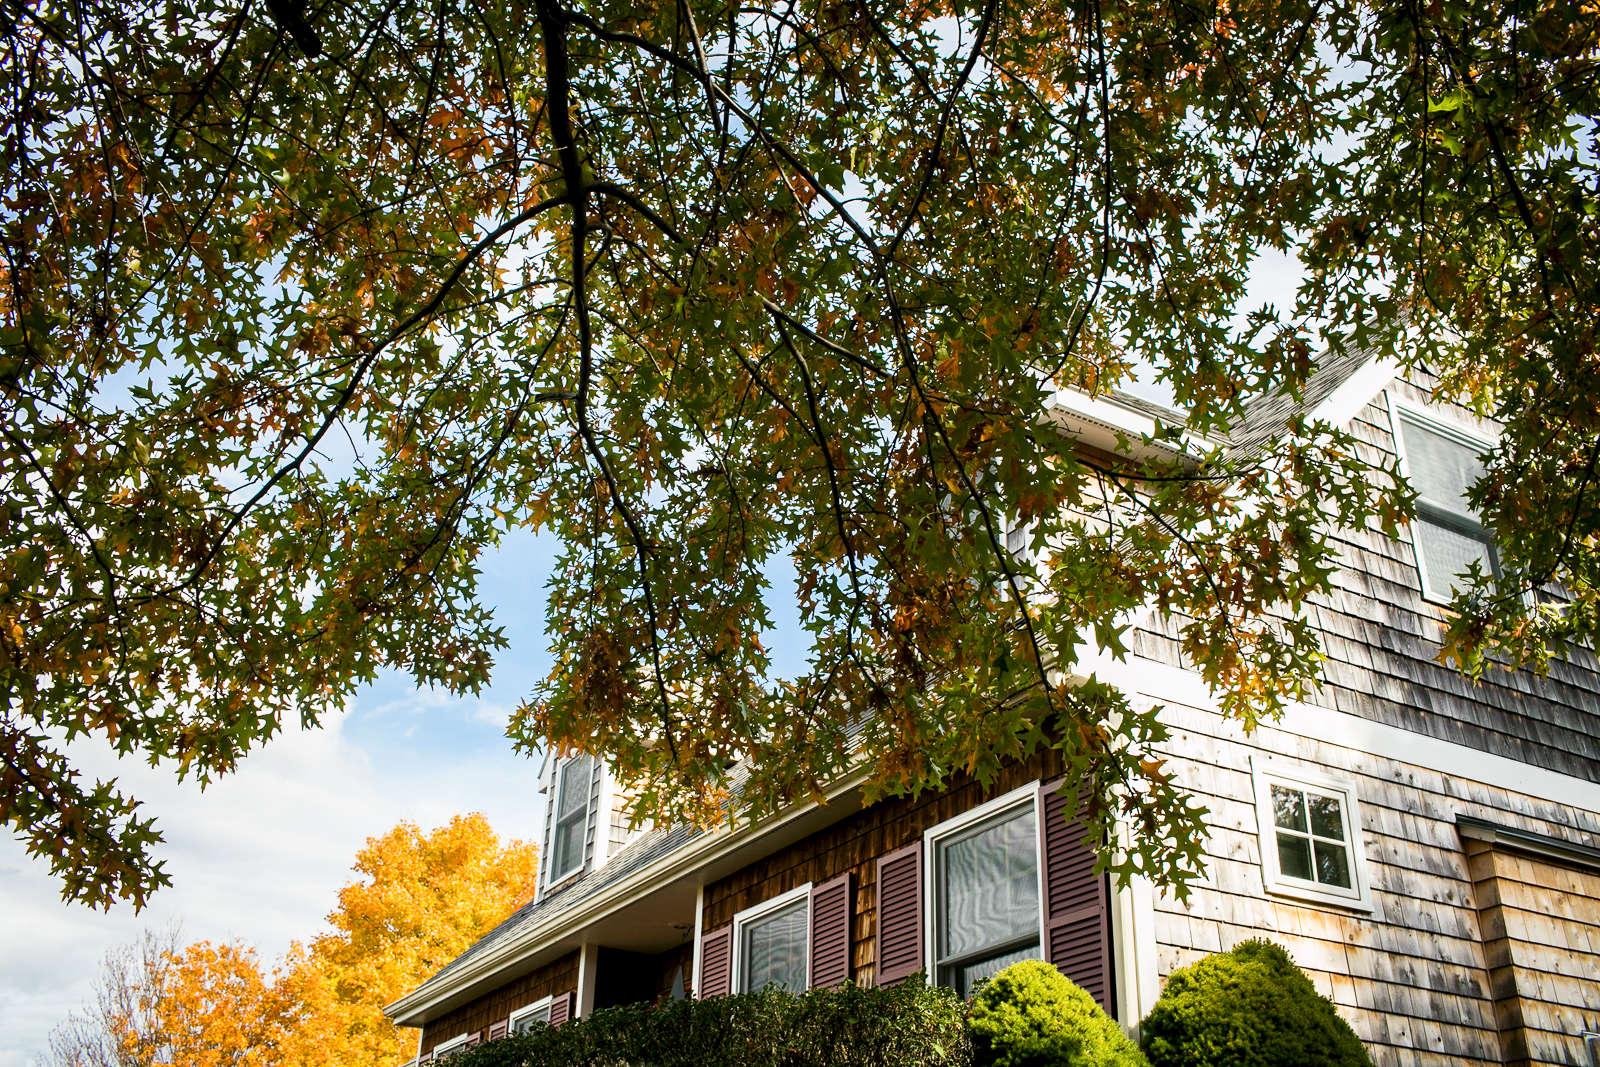 vermont-photographer-efficiency-vermont-burlington-jericho-energy-home-contractor-audit-13-161020-EVT-1147